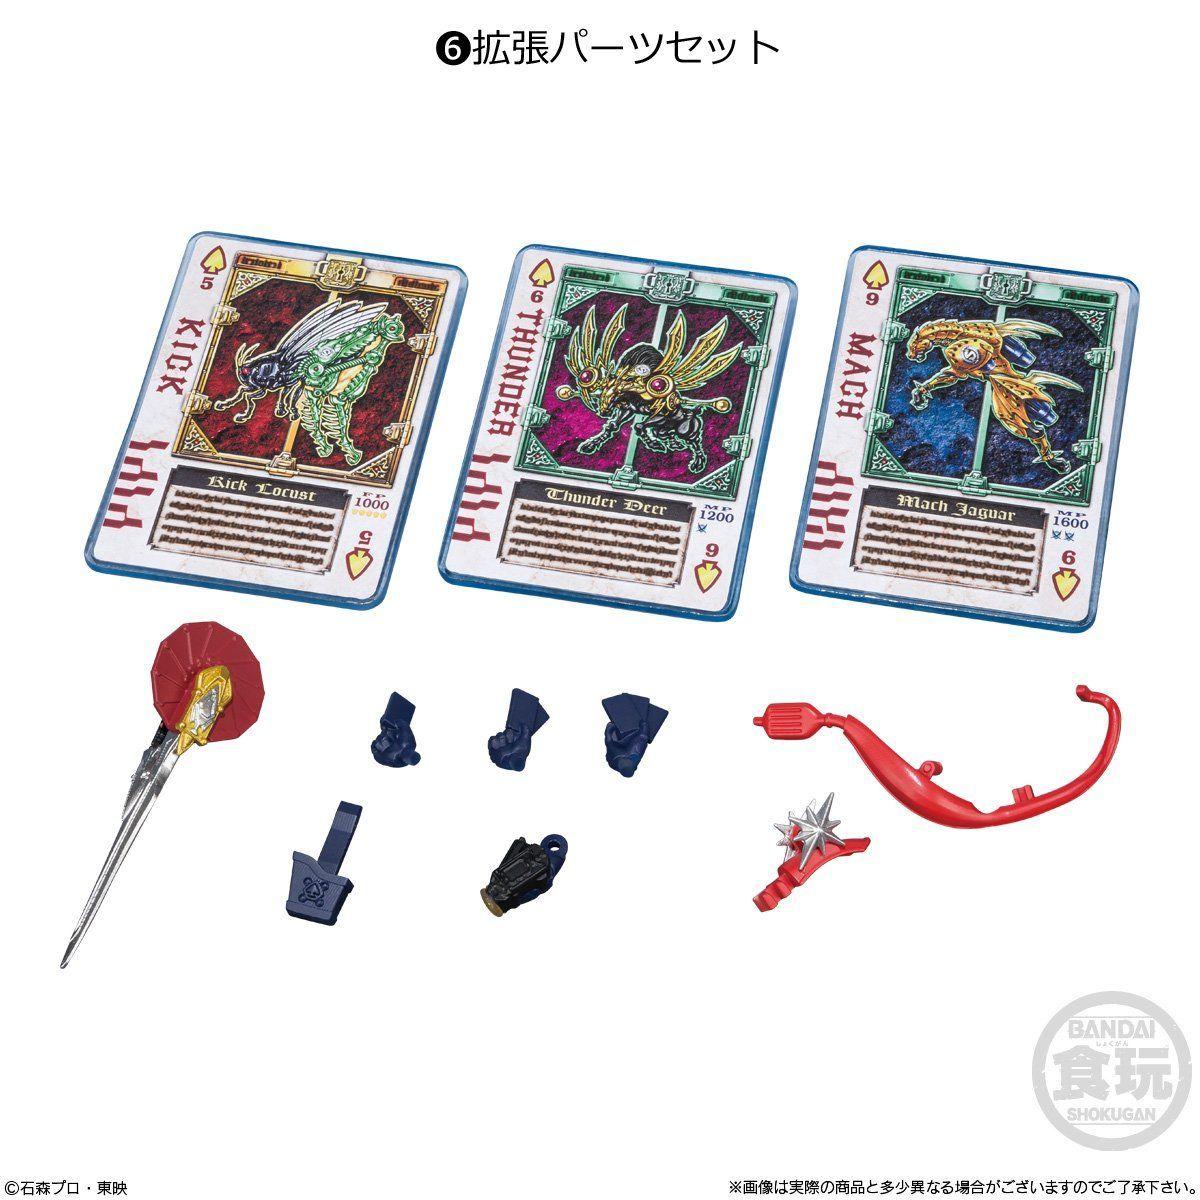 【食玩】SHODO-X『仮面ライダー8』可動フィギュア 10個入りBOX-006